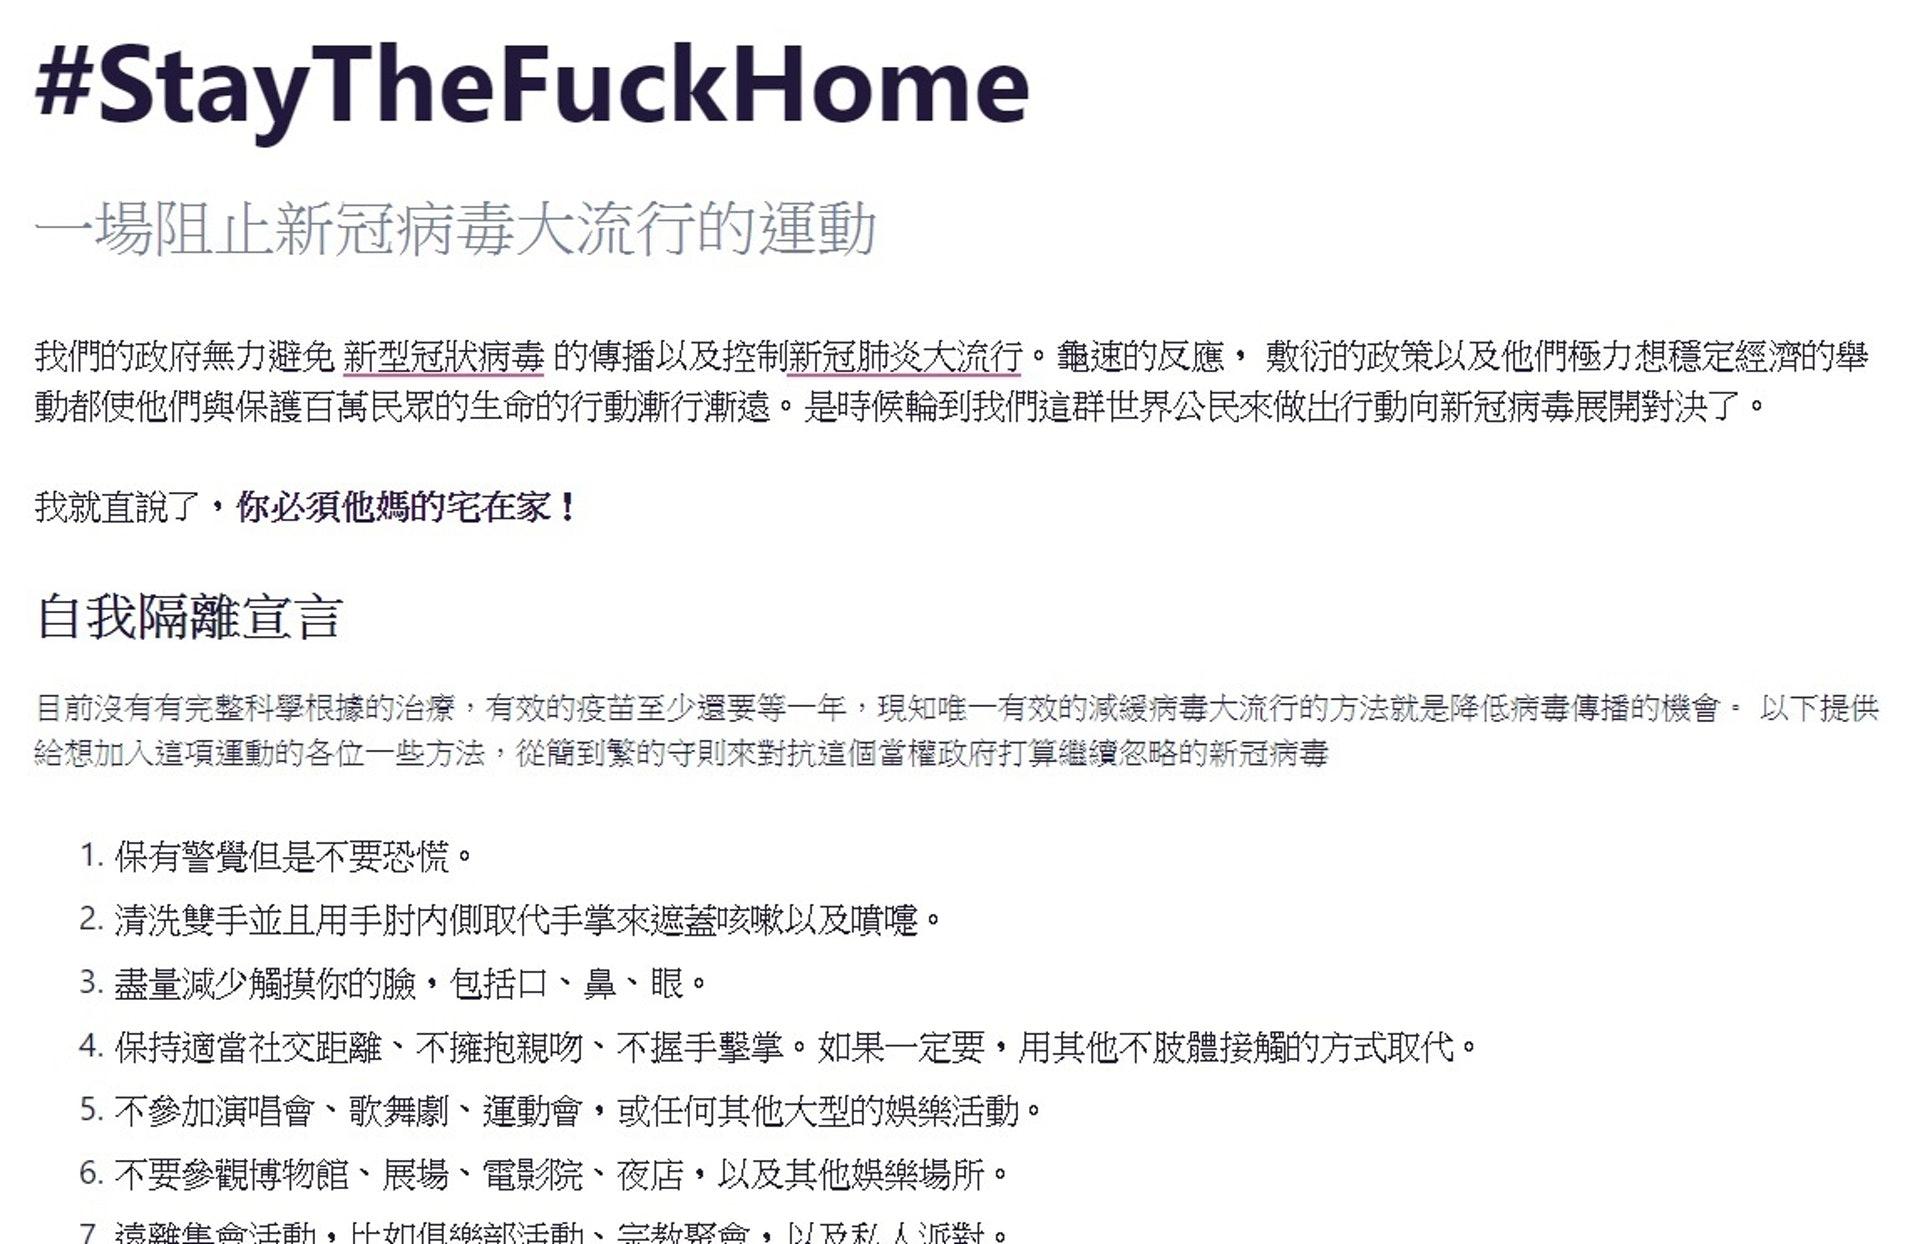 欧美打击「新冠派对」网上呼吁「要他妈的宅在家」